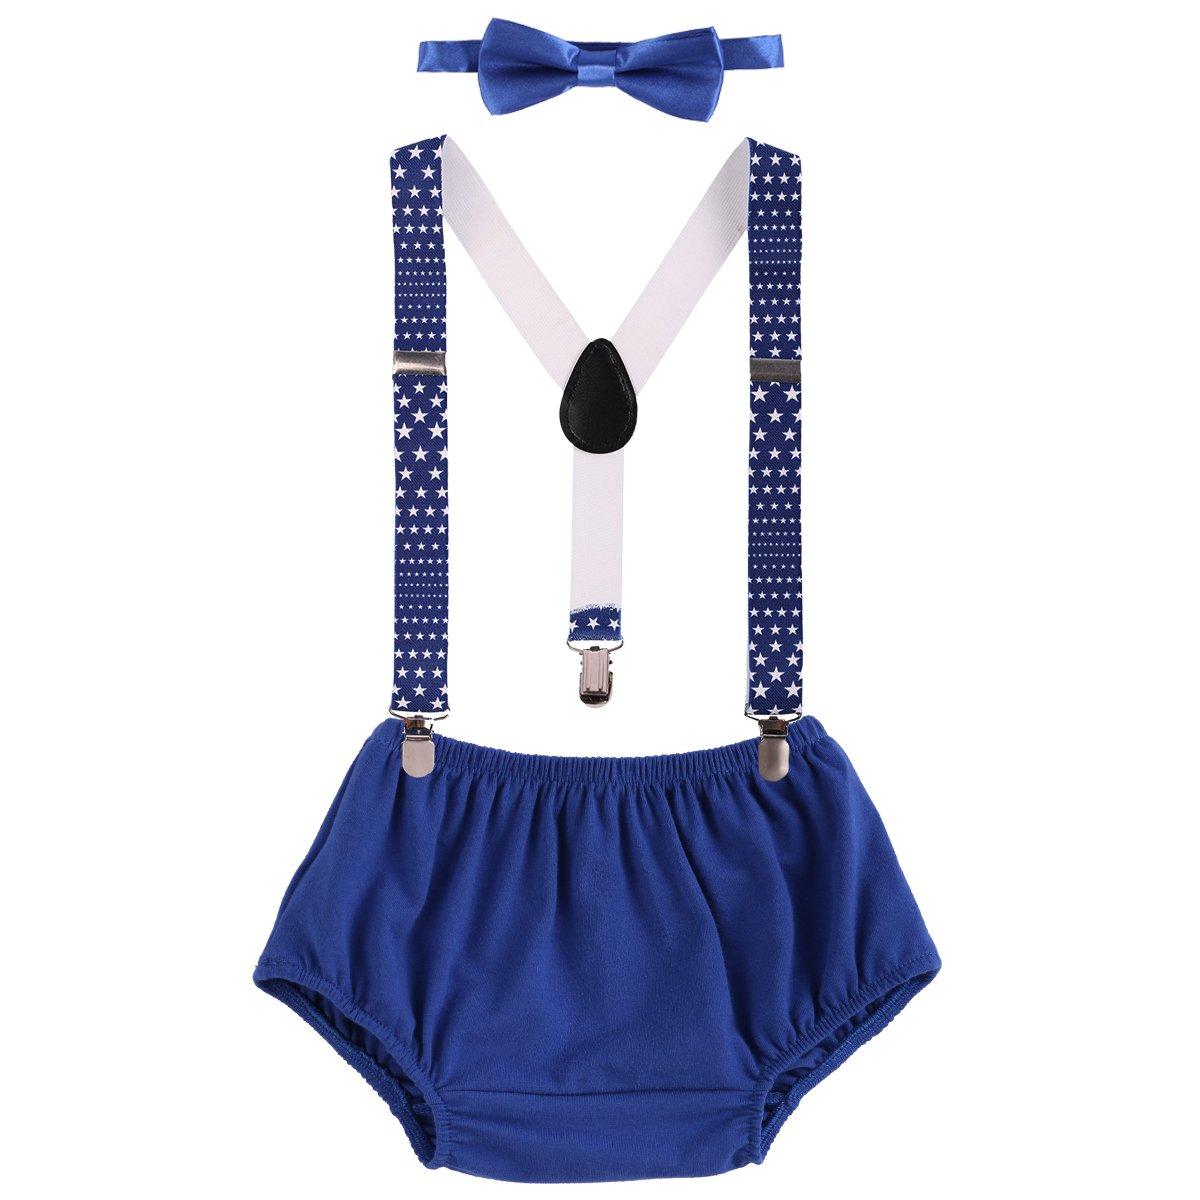 Baby Boys Adjustable Y Back Clip Suspenders Bow Tie Set Kid Pre Tied Bowtie Little Striped